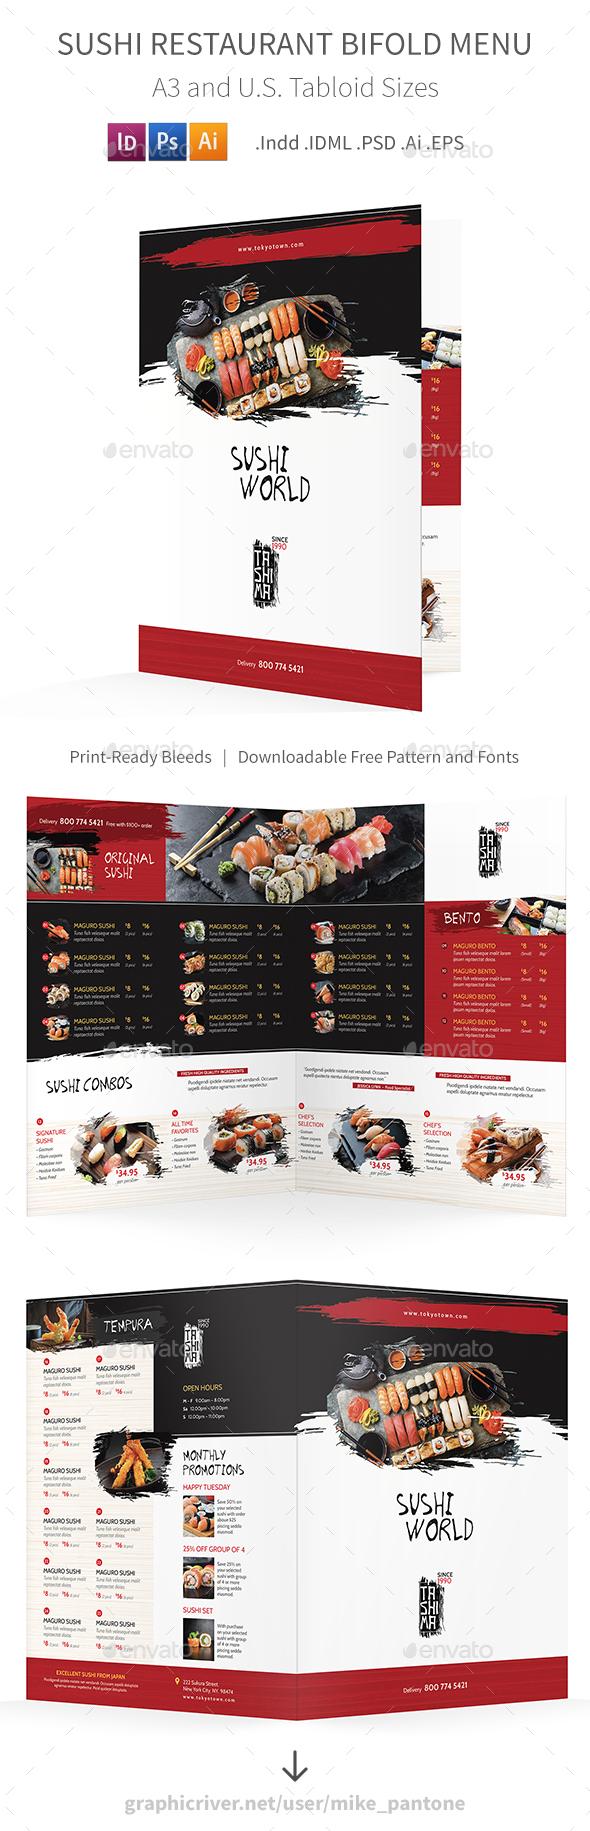 GraphicRiver Sushi Restaurant Bifold Halffold Menu 3 21166202